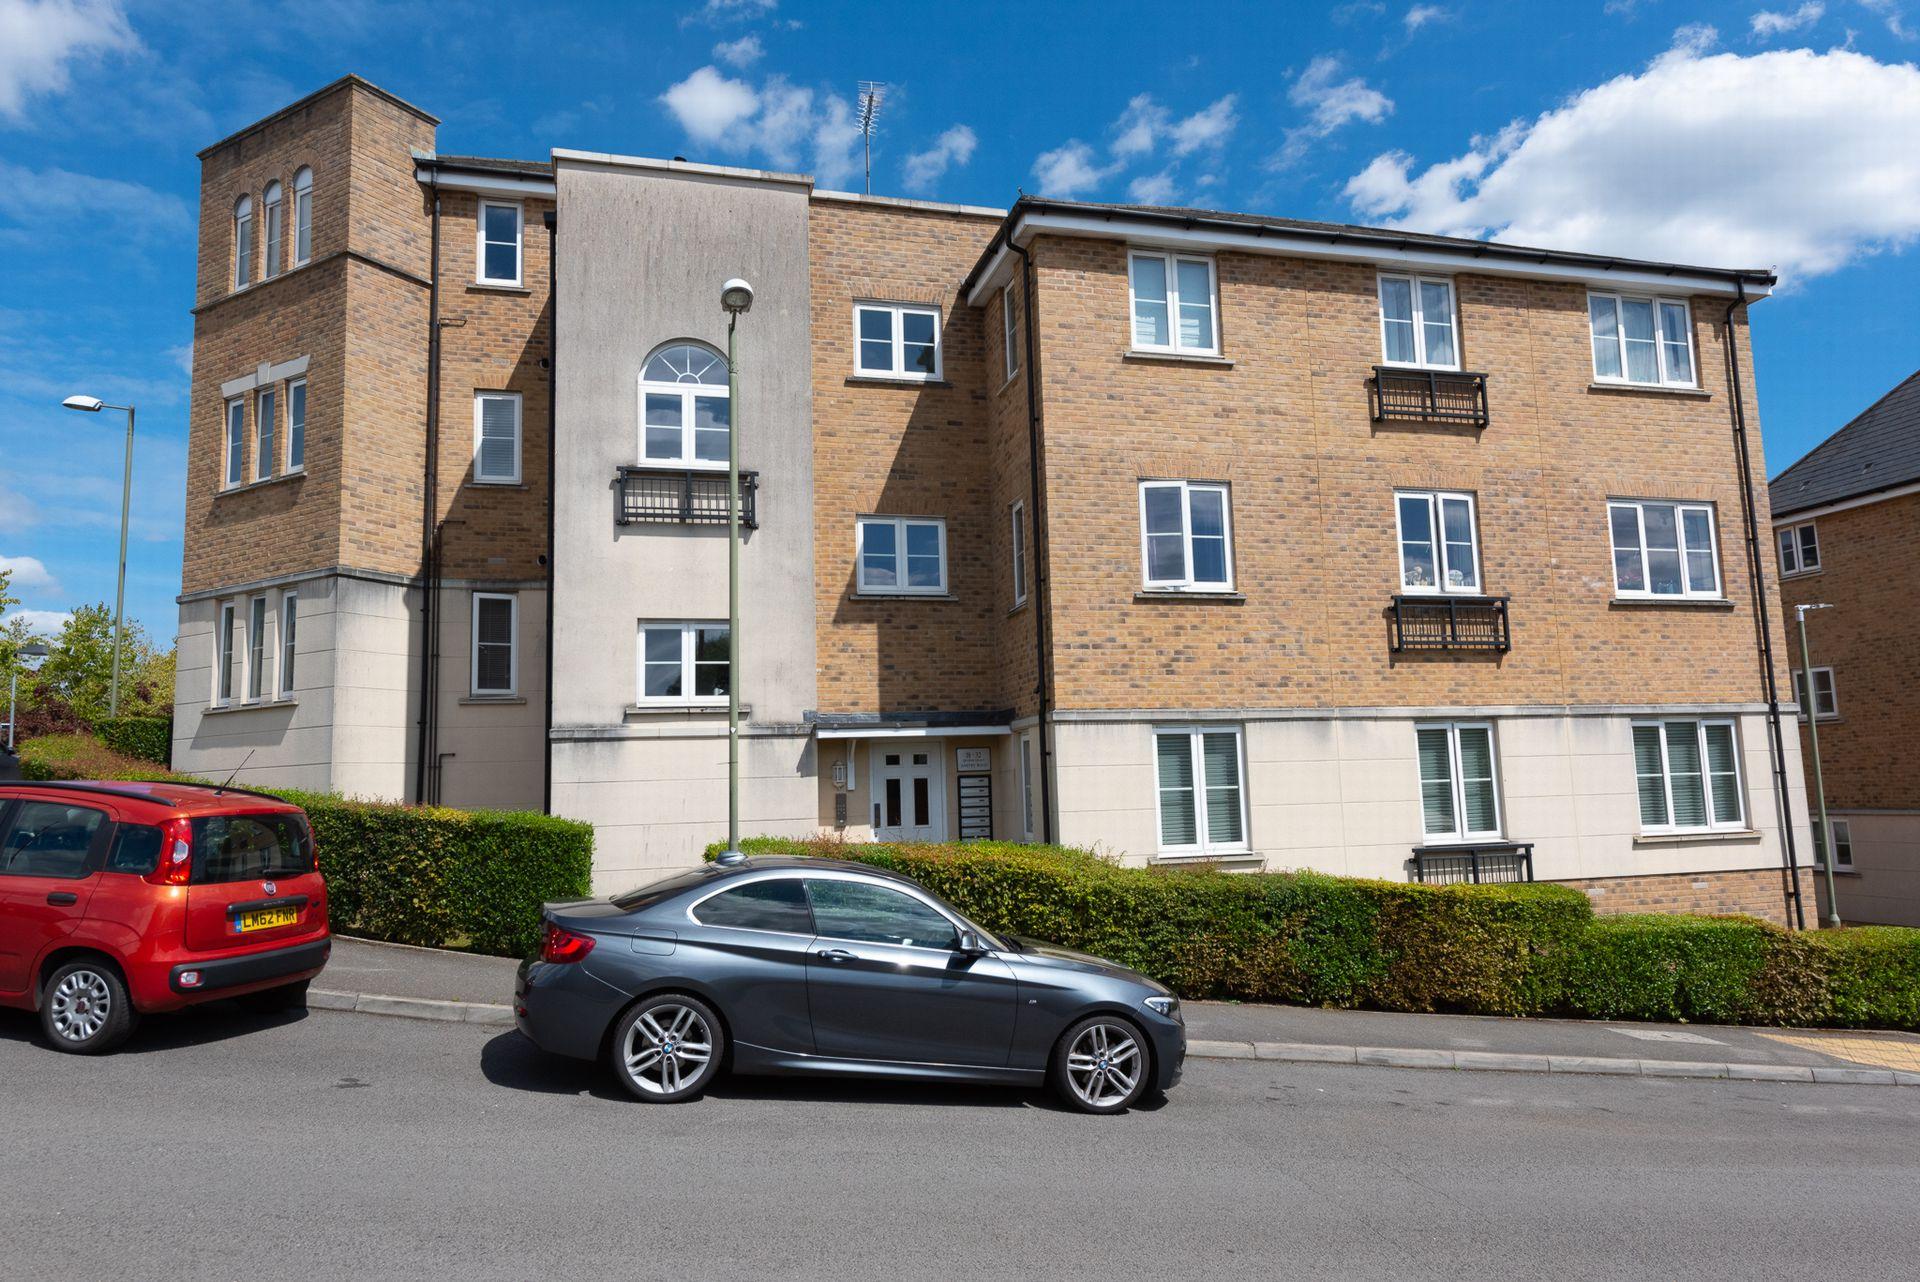 Anstey Road  Farnham  GU9